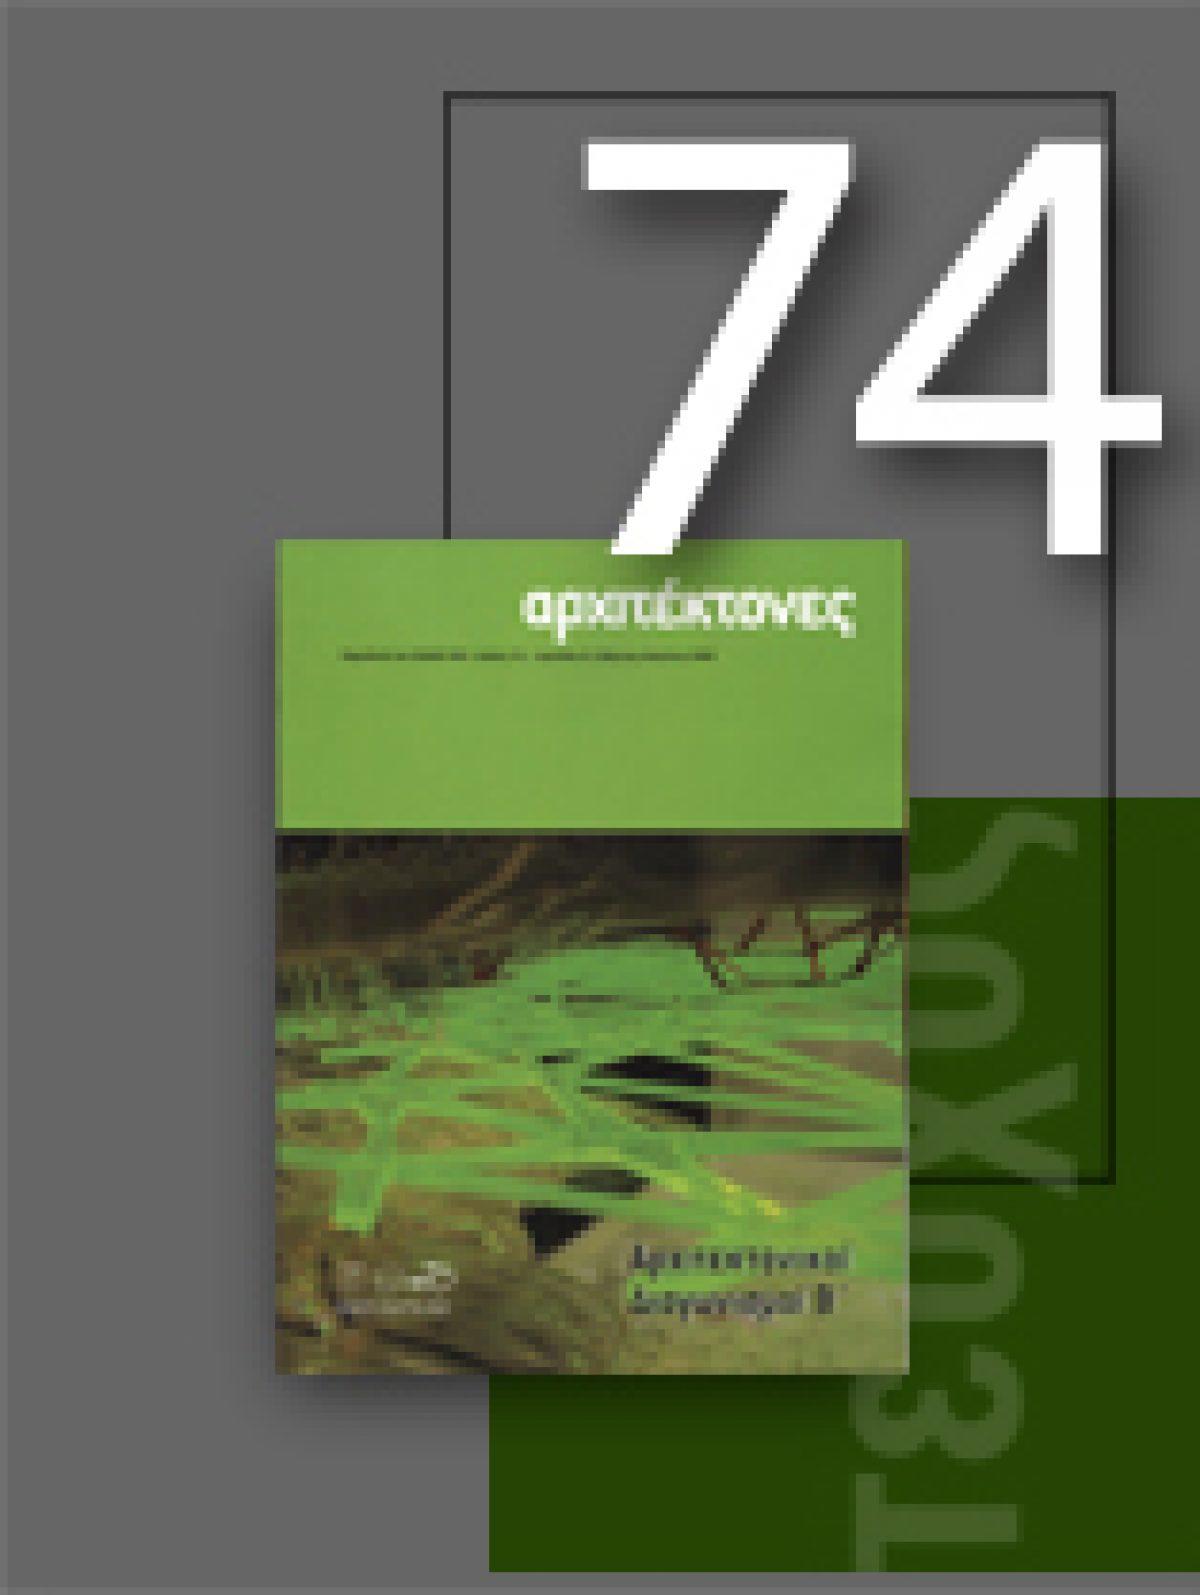 «Αρχιτέκτονες» Τεύχος 74, Περίοδος Β', Μάρτιος/Απρίλιος 2009 | Αρχιτεκτονικοί Διαγωνισμοί Β΄